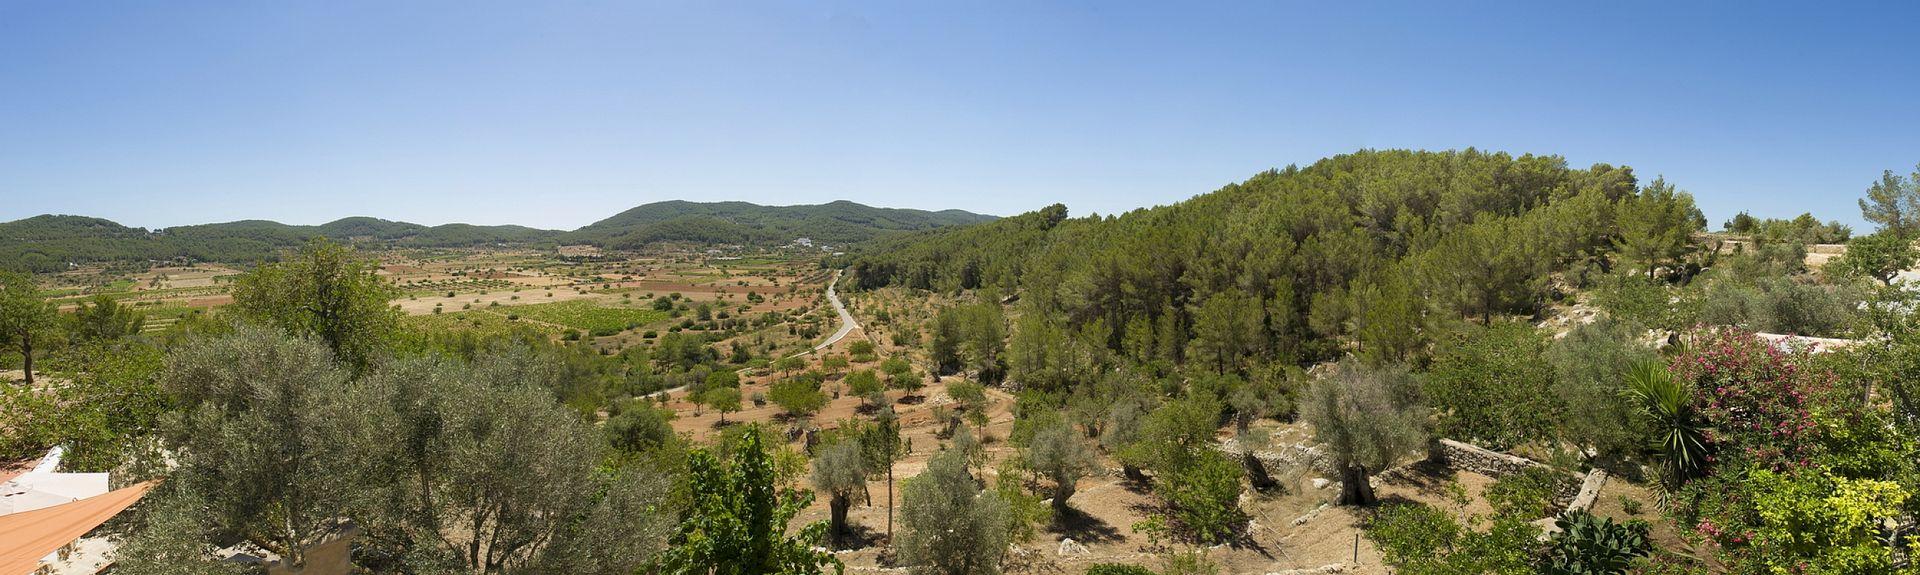 Escull de Sa Conillera, Ilhas Baleares, Espanha